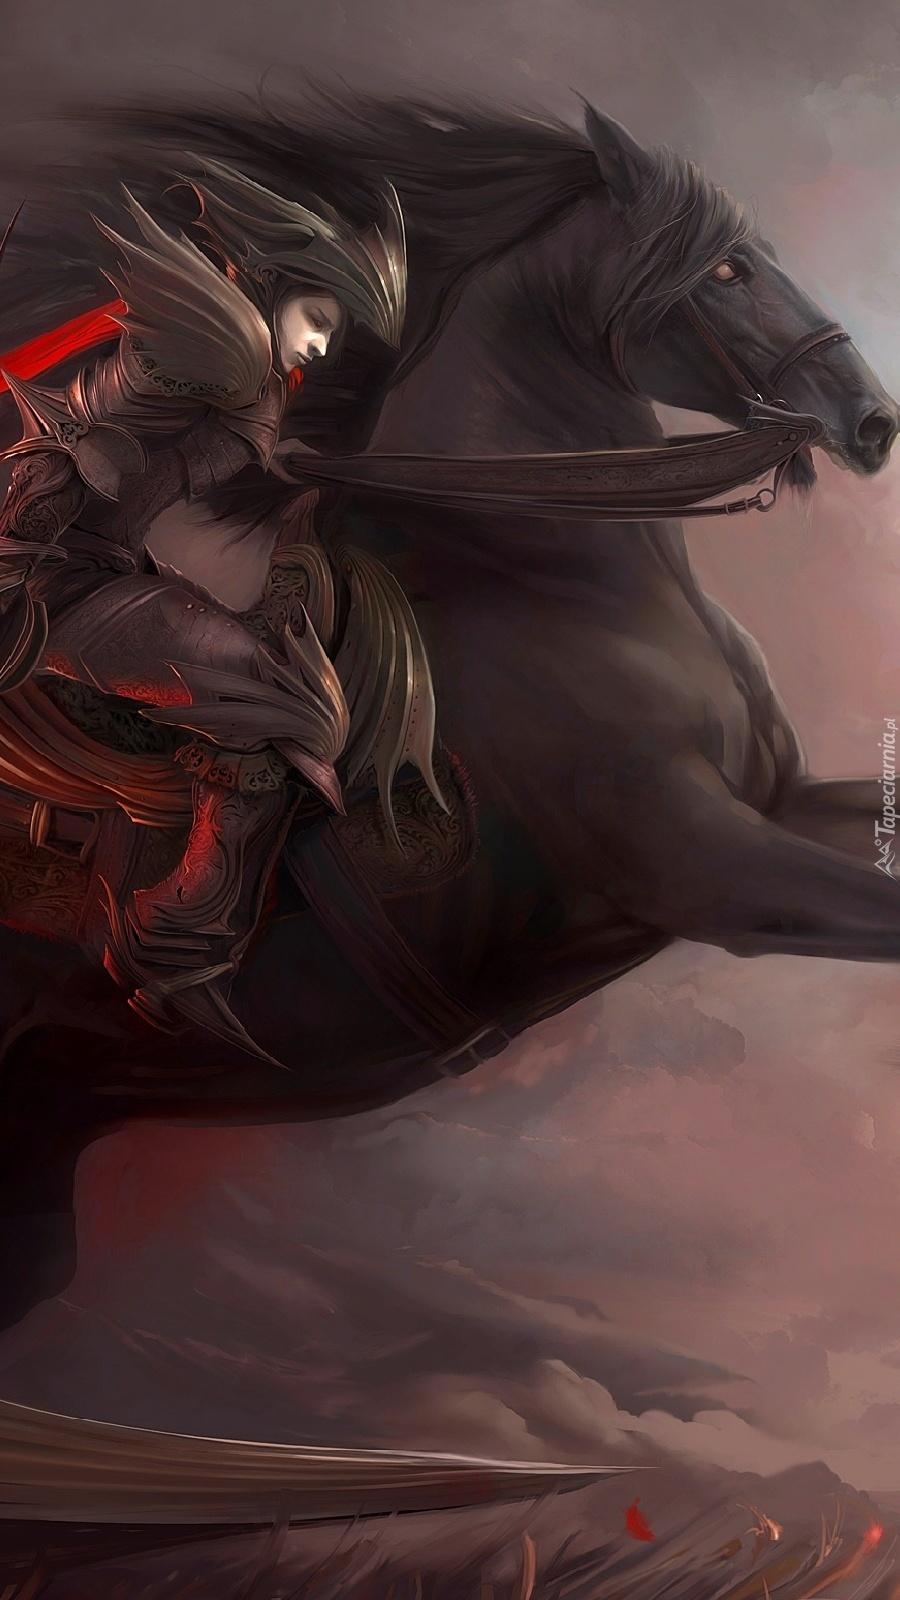 Wojowniczka pędząca na koniu